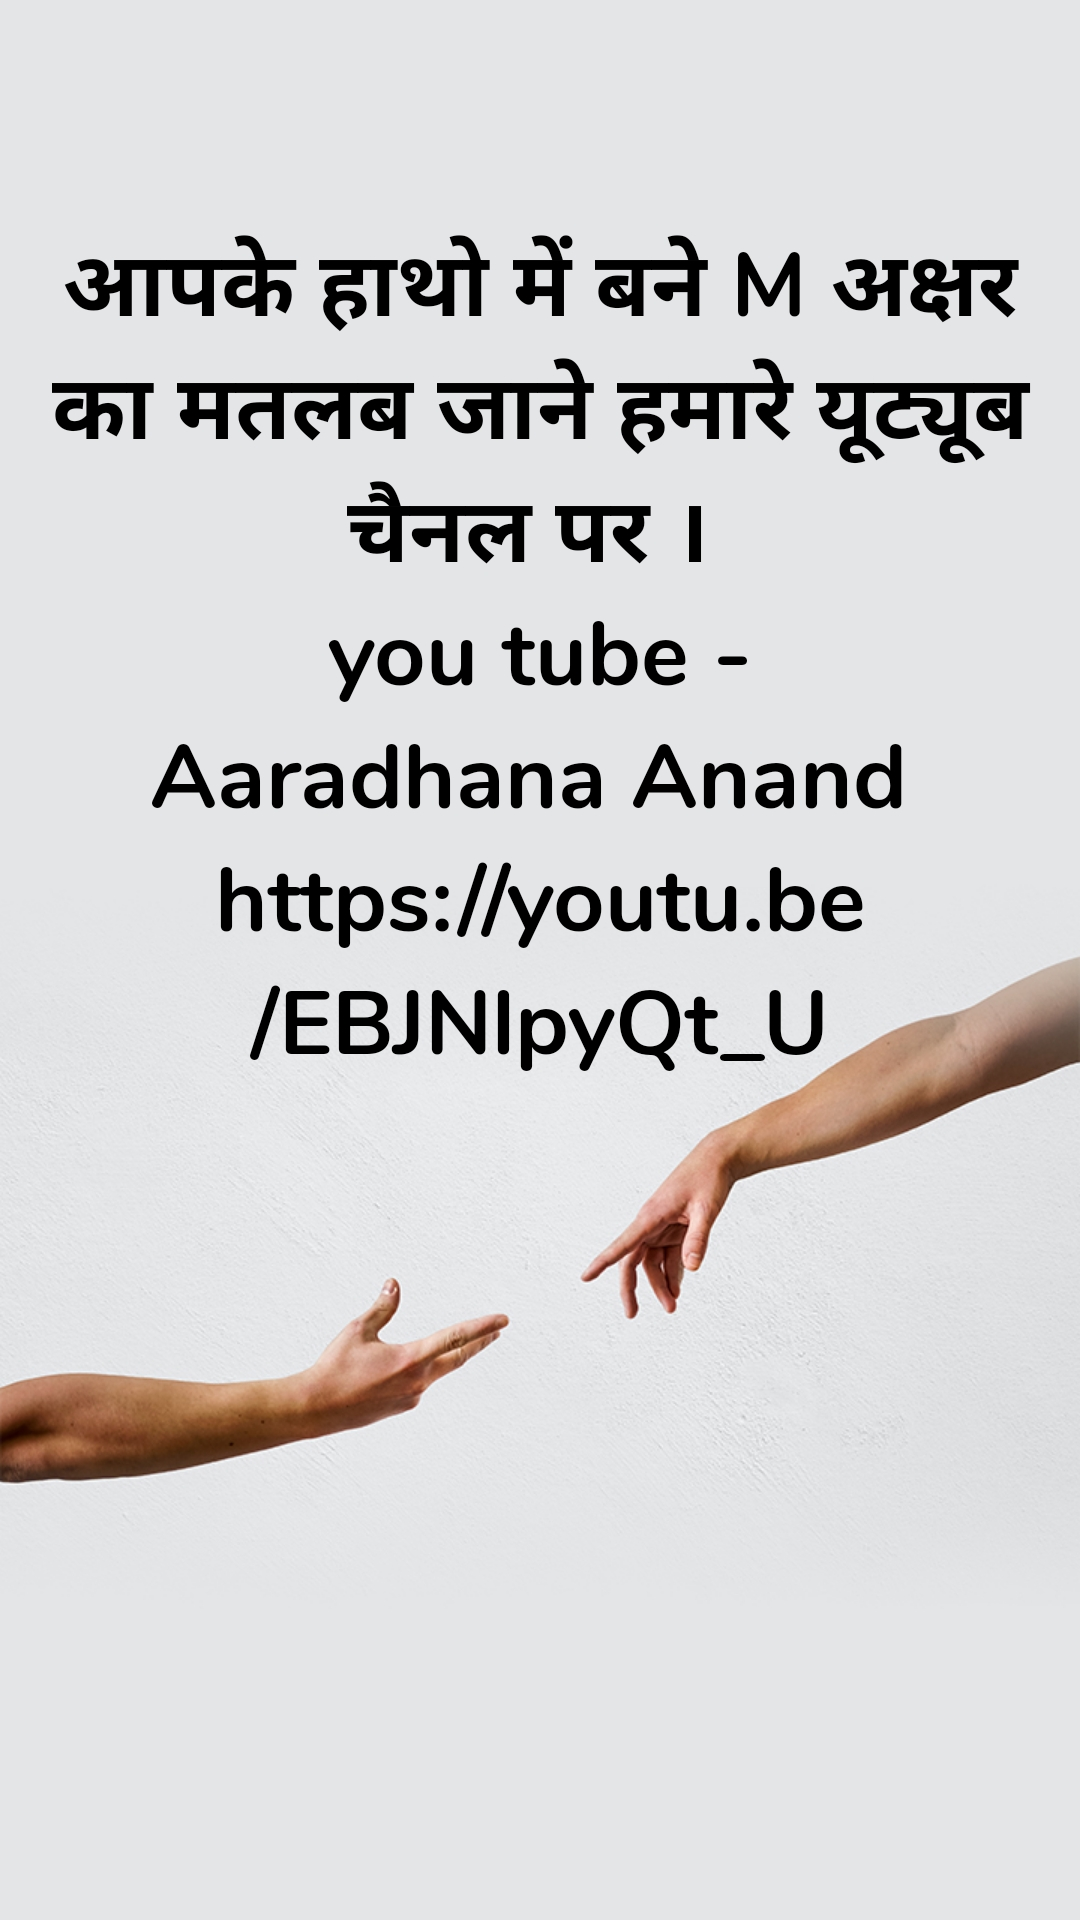 आपके हाथो में बने M अक्षर का मतलब जाने हमारे यूट्यूब चैनल पर ।  you tube - Aaradhana Anand  https://youtu.be/EBJNlpyQt_U